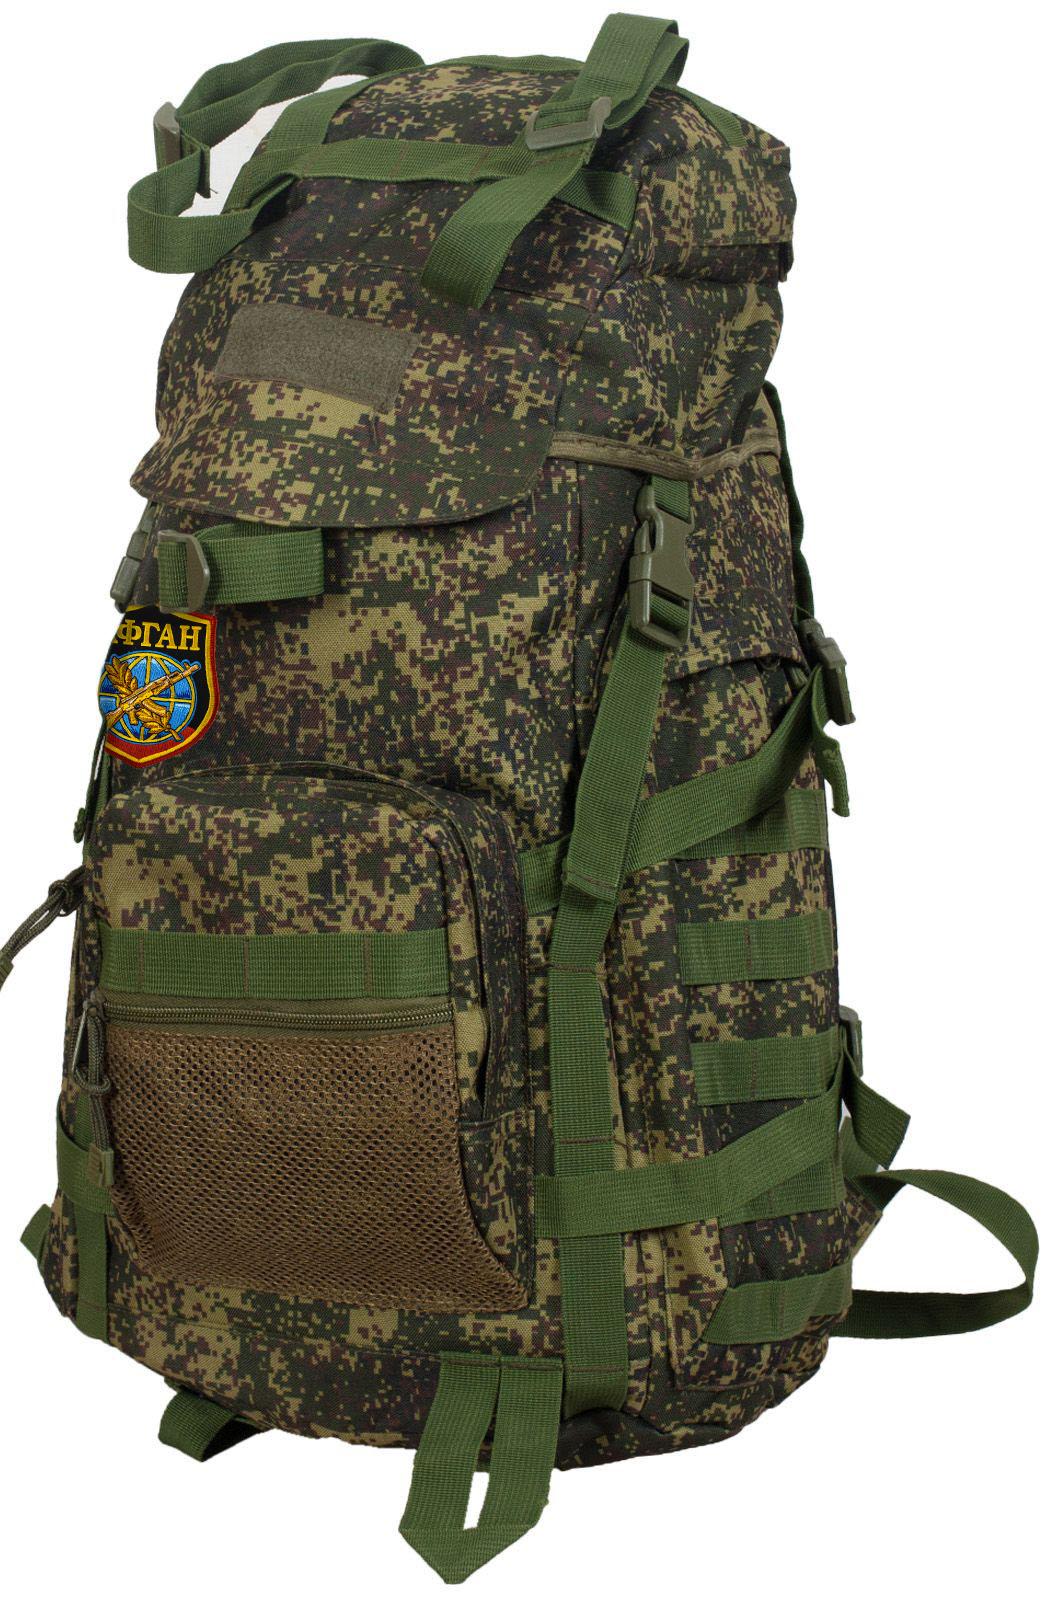 Вместительный милитари рюкзак с нашивкой Афган - купить онлайн